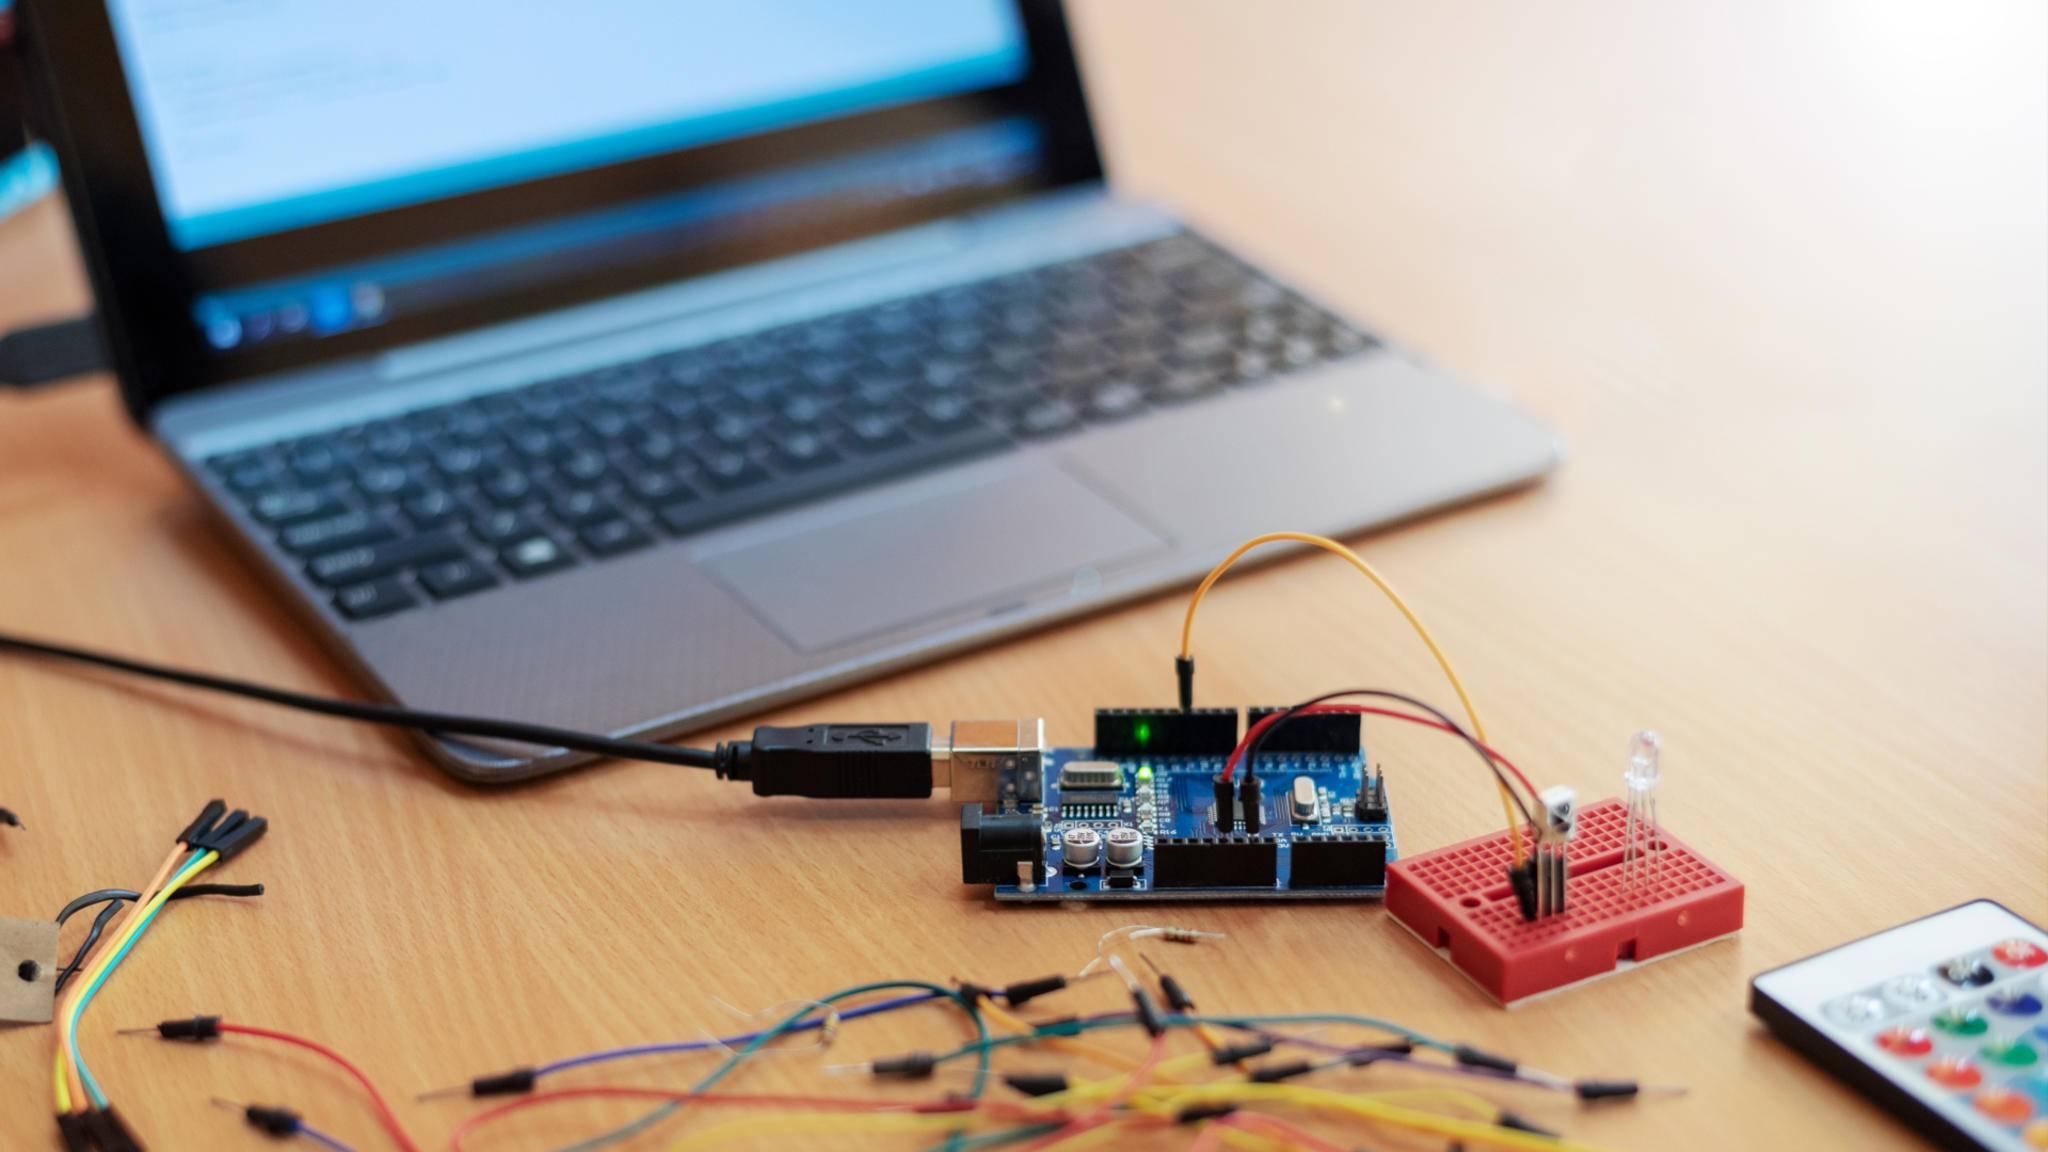 Nicht nur der Raspberry Pi eignet sich für kleinere Technik-Projekte: Wir haben acht gute Alternativen gefunden.